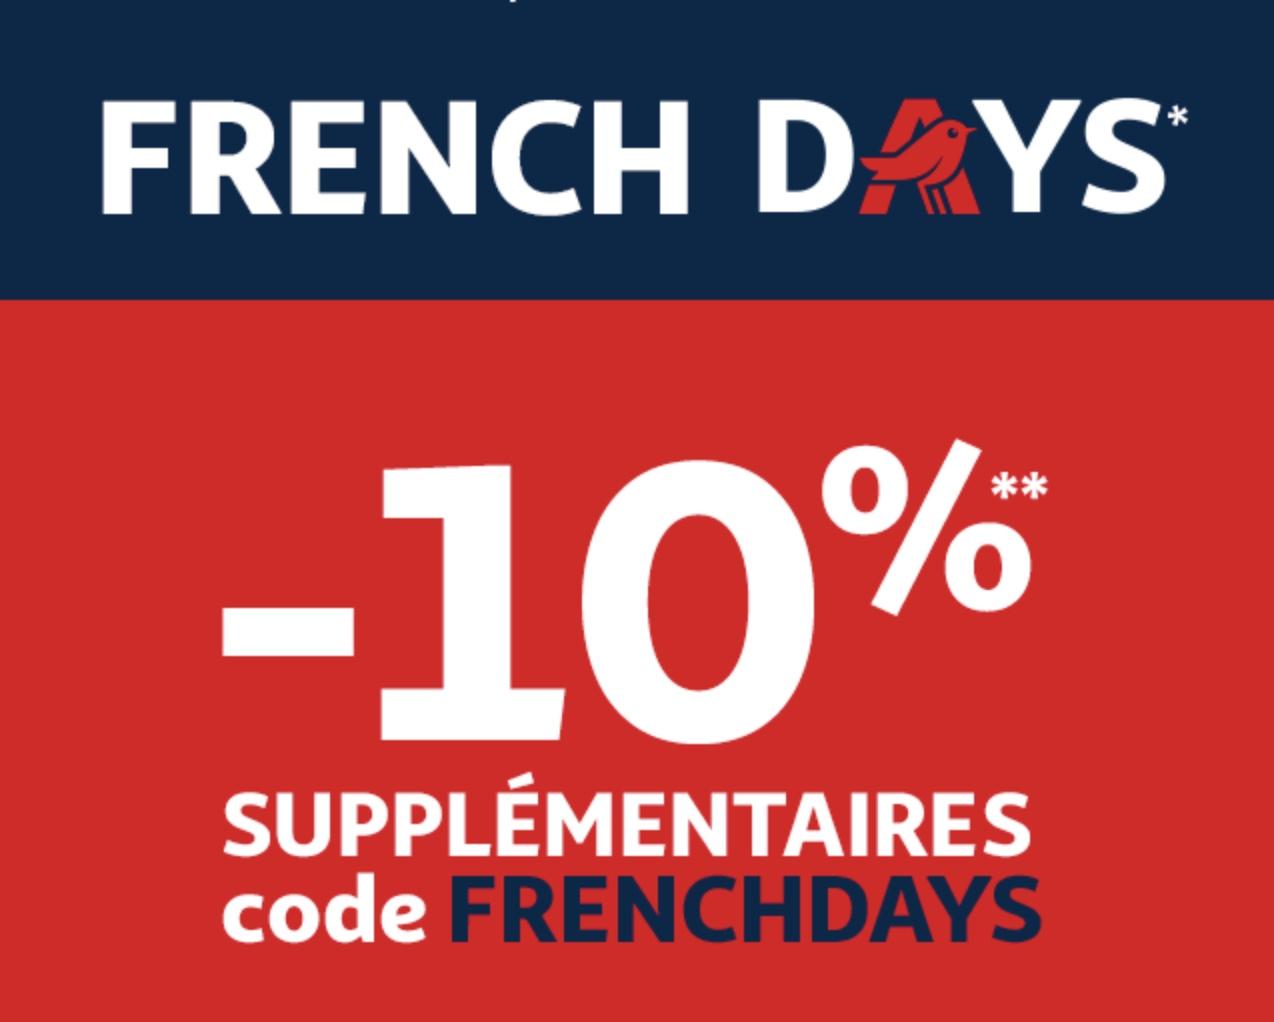 Code promo Auchan : -10% supplémentaires sur une sélection d'articles pour les French Days